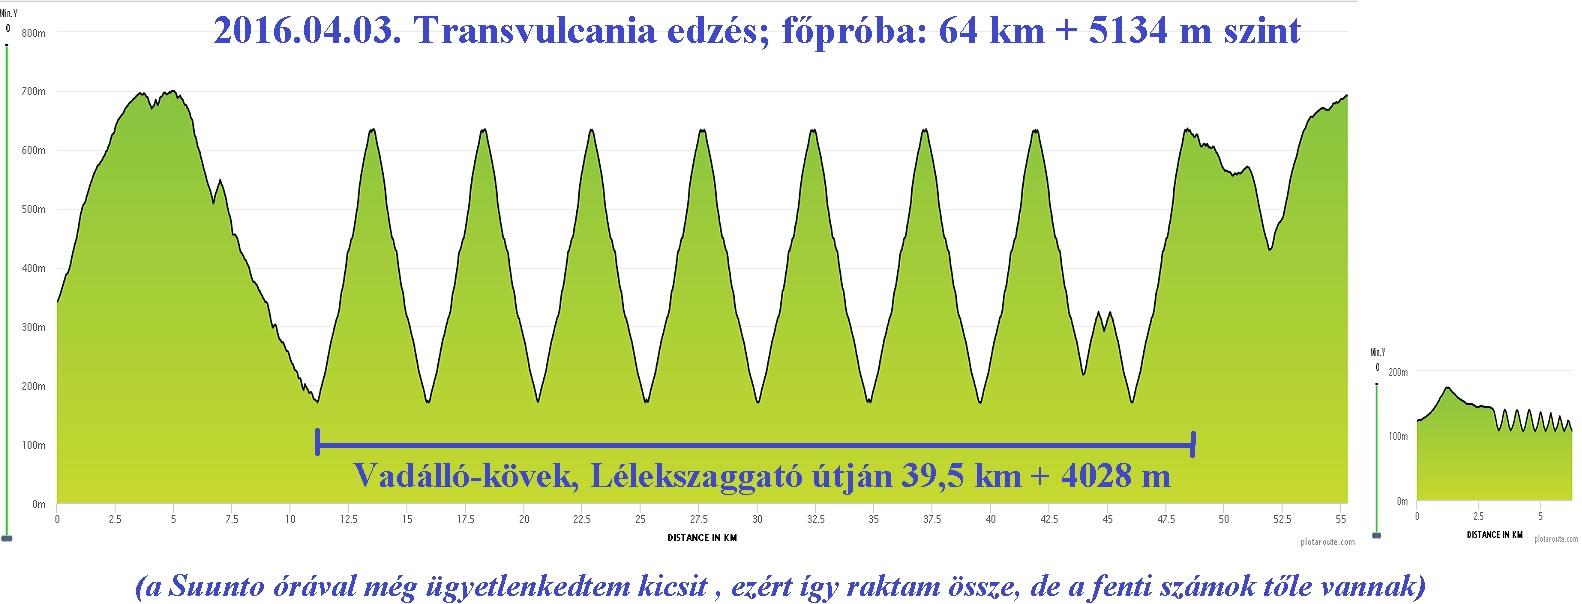 Györgyi Gábor: terepfutó-edzés a Transvulcania ultra trail - re